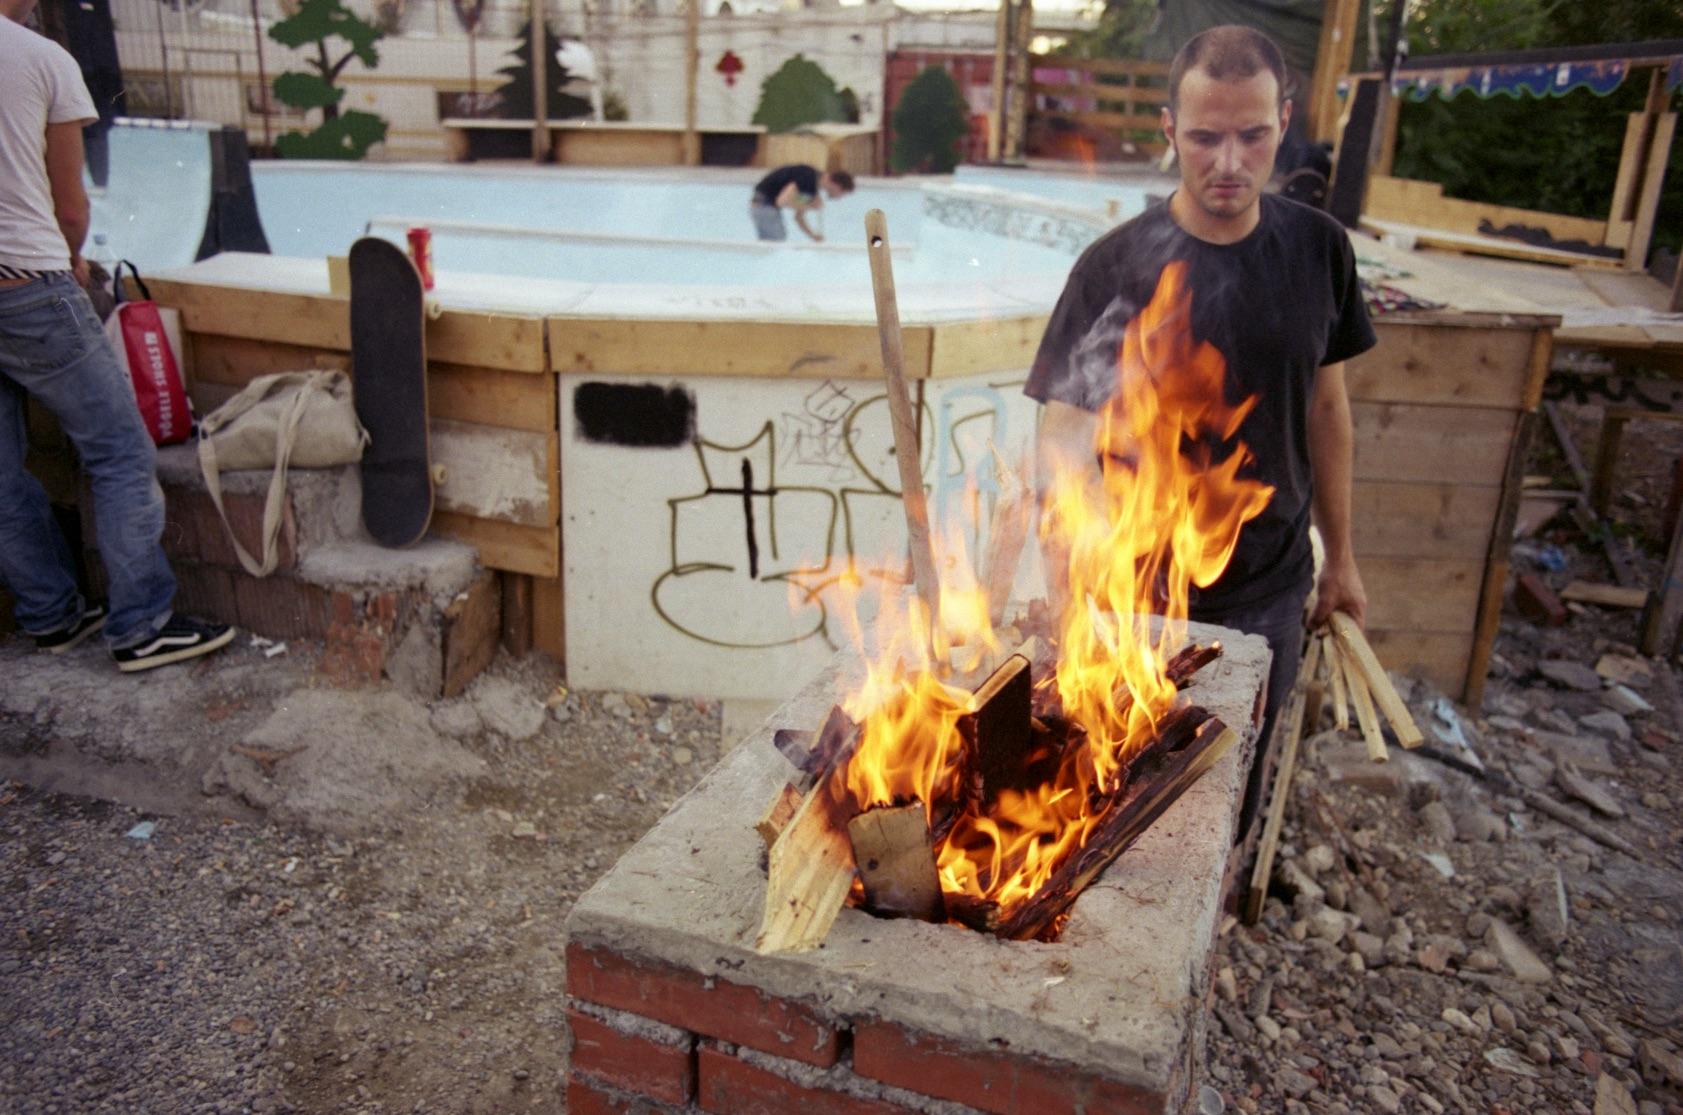 Eigenhändige Vernichtung: Als die Bagger aufs NT-Areal zogen, wurde die Blackcrossbowl feierlich verbrannt.